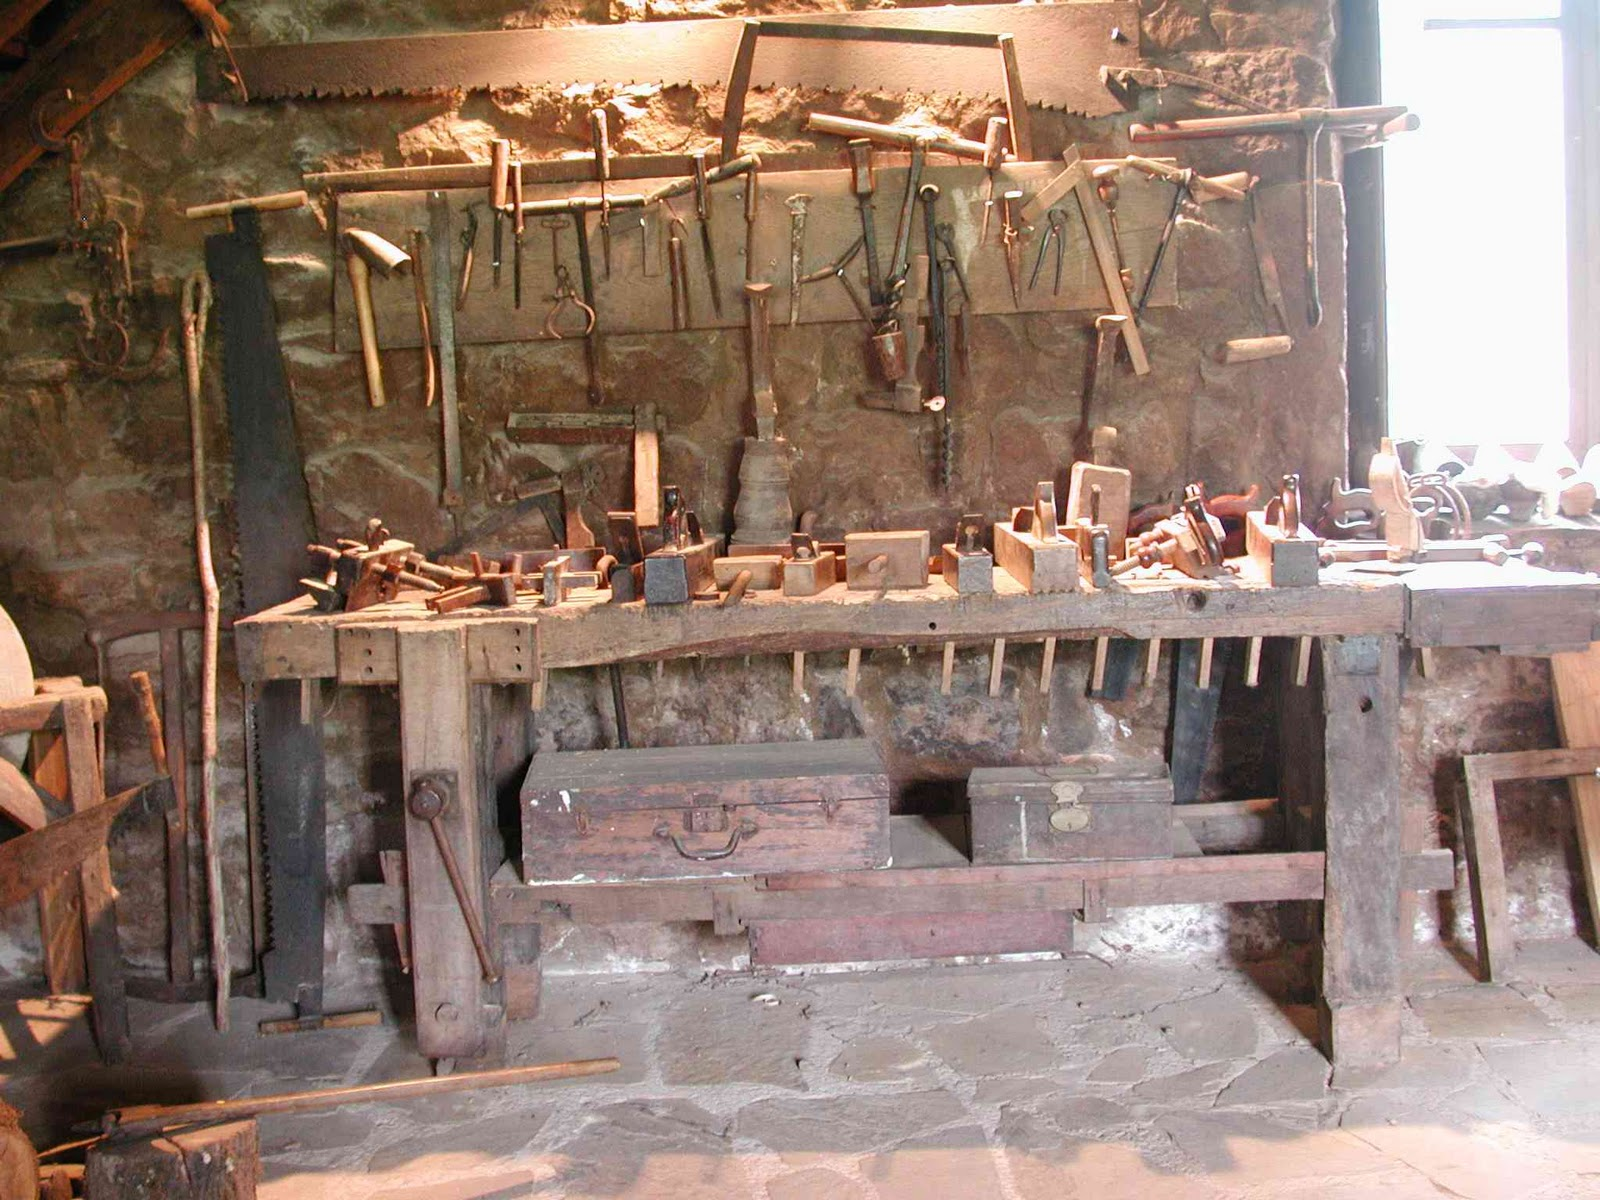 Homenaxe al campu asturianu los carpinteiros for Mesa de carpintero